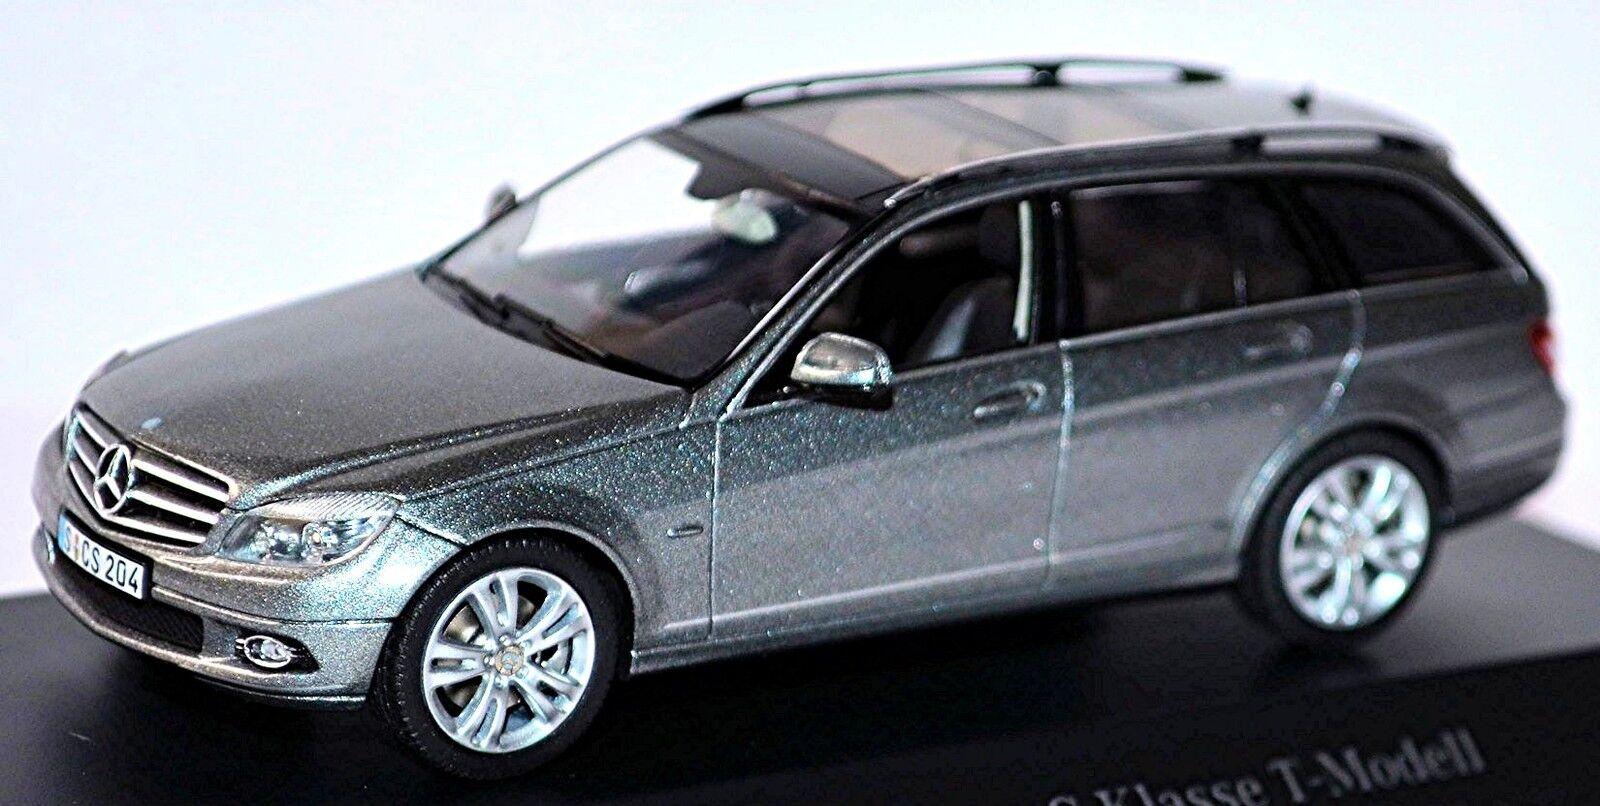 Mercedes Benz C-Classe Modèle T S204  - 2007-14 Palladium Argent Métallique  100% authentique